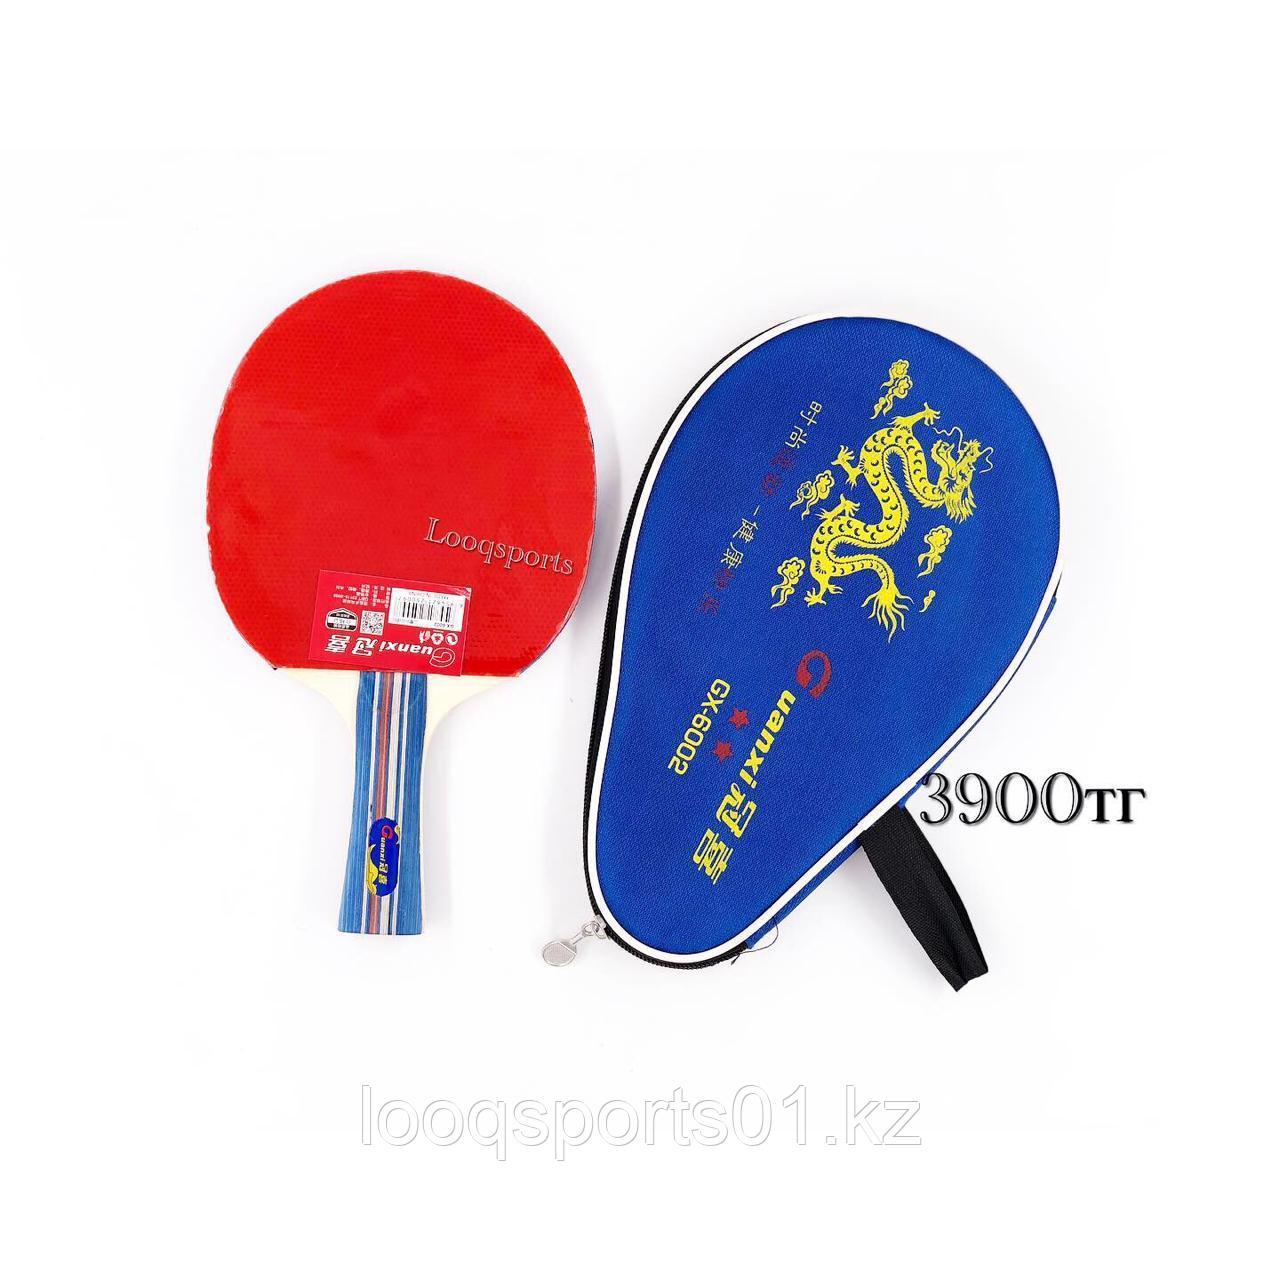 Ракетка для настольного тенниса с чехлом